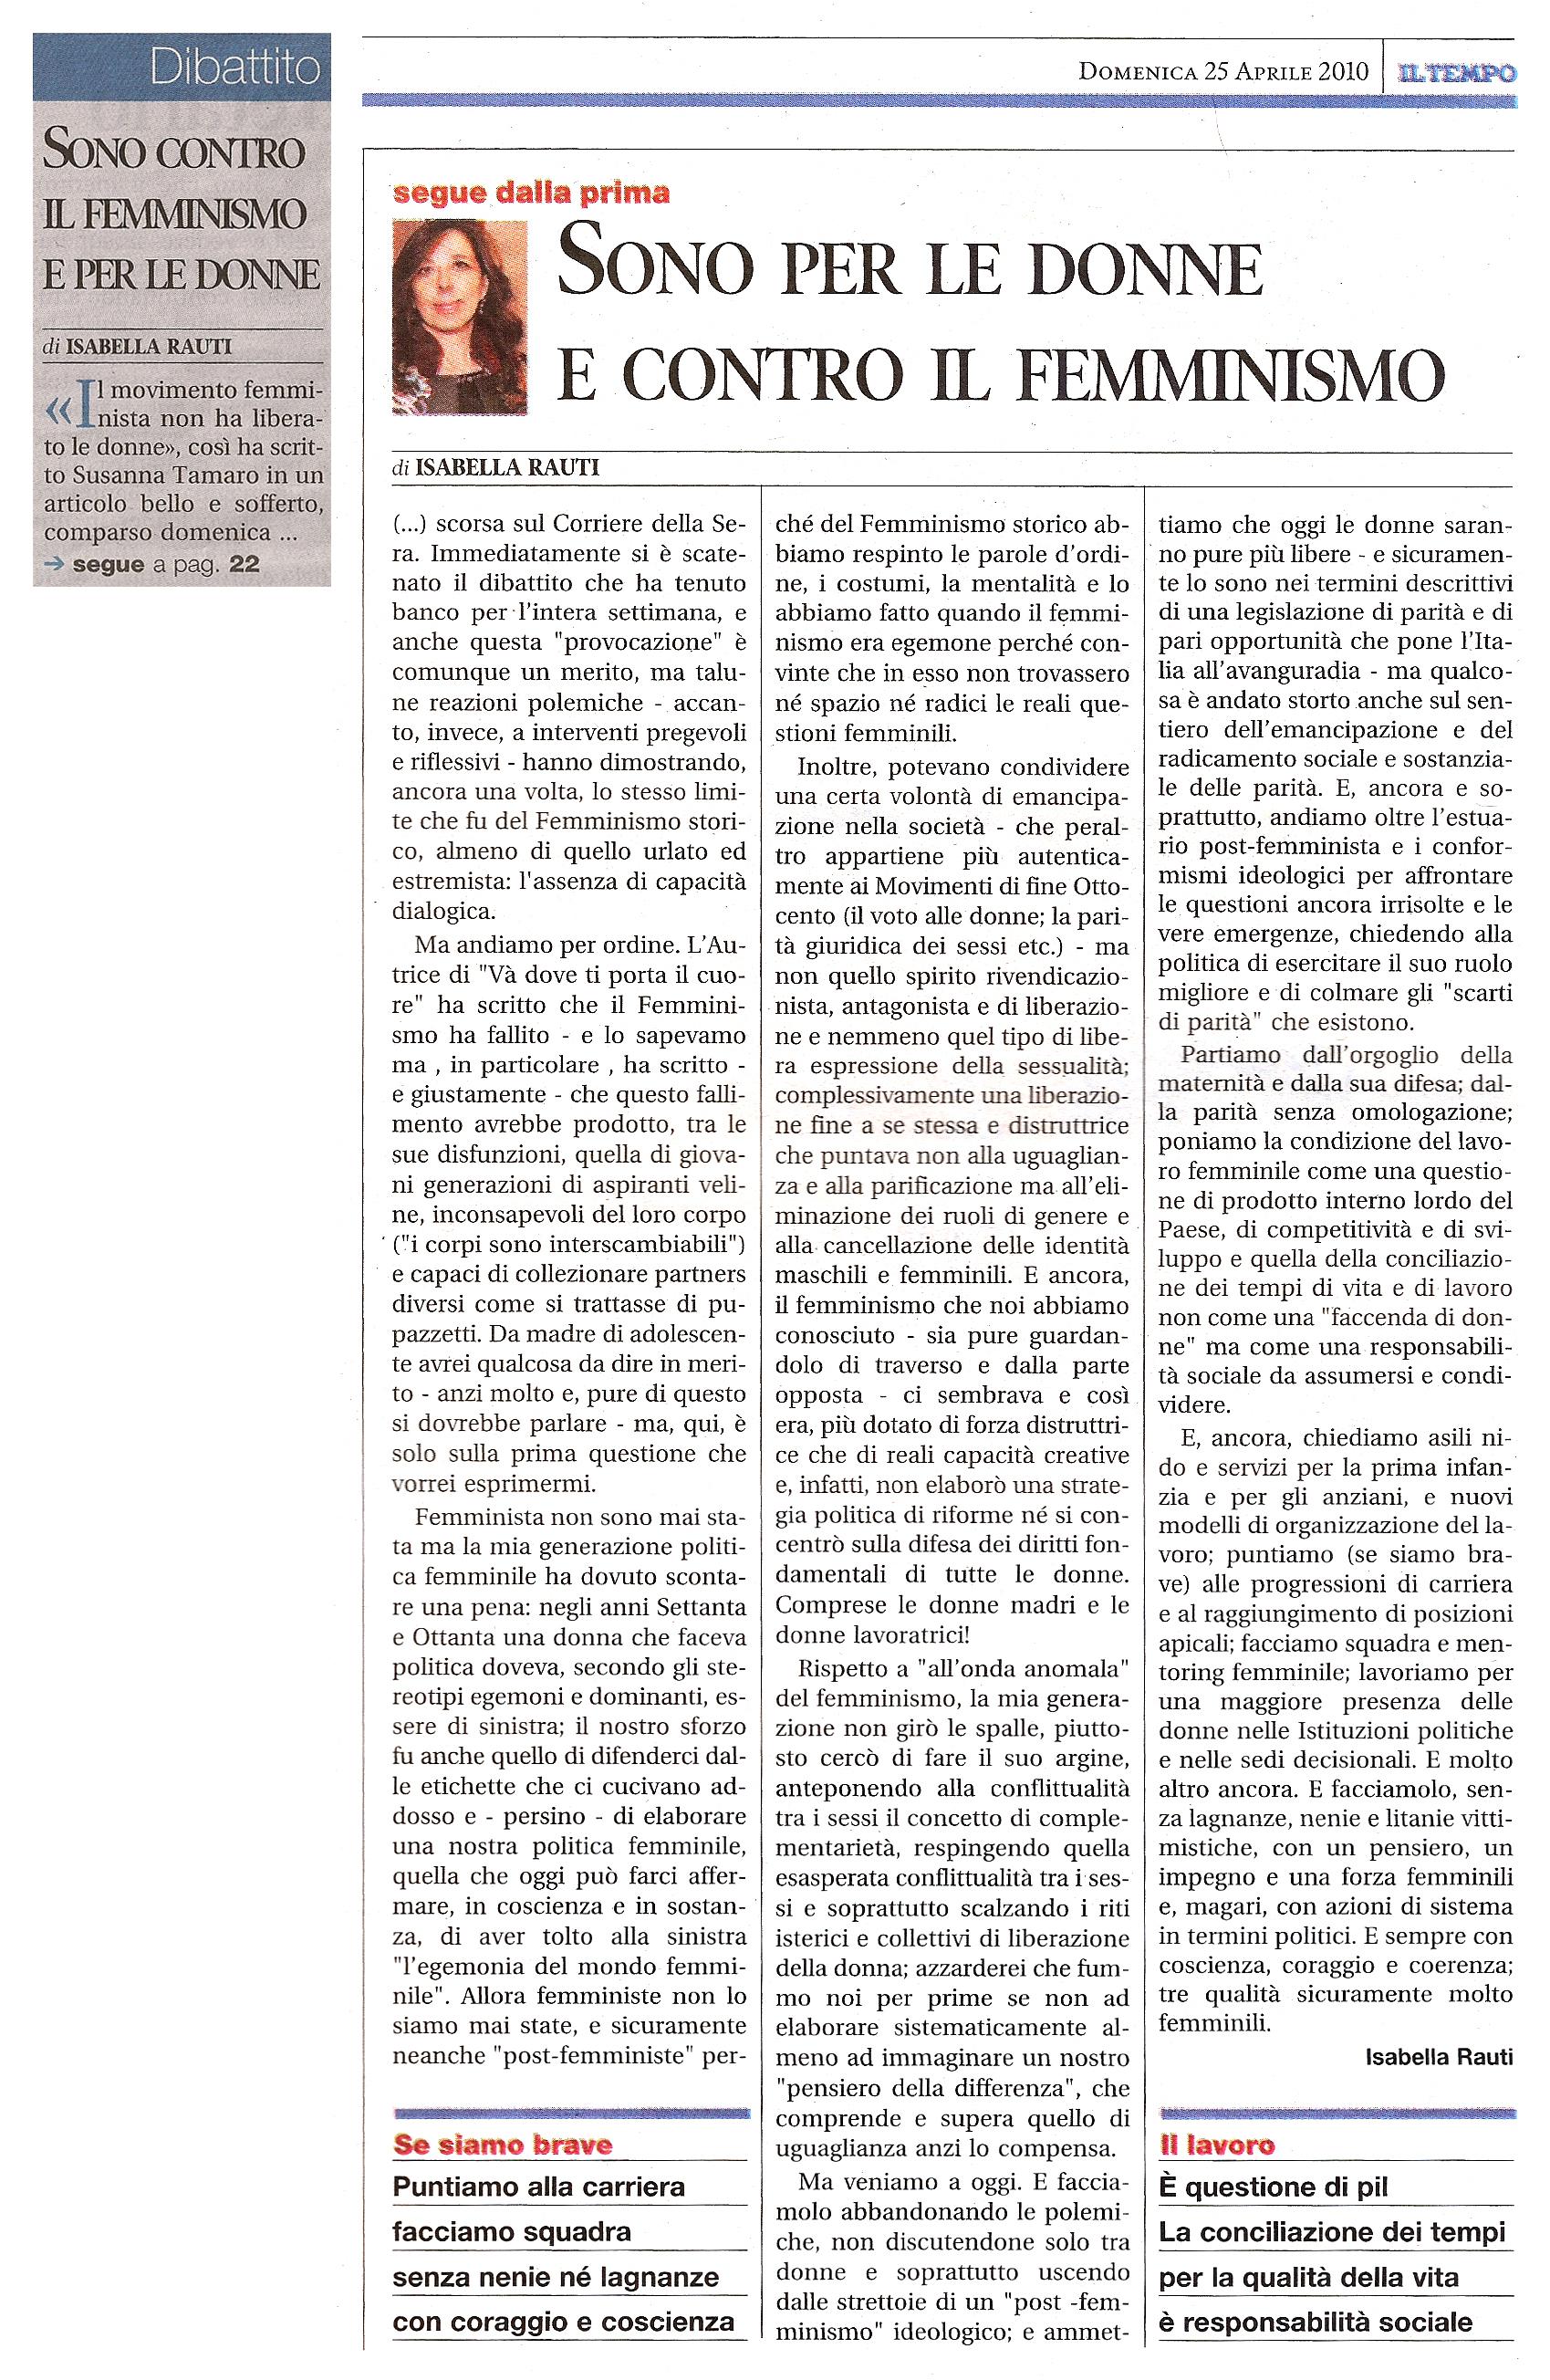 Chi odia il femminismo pu combattere il femminicidio il - Diva e donne giornale ...